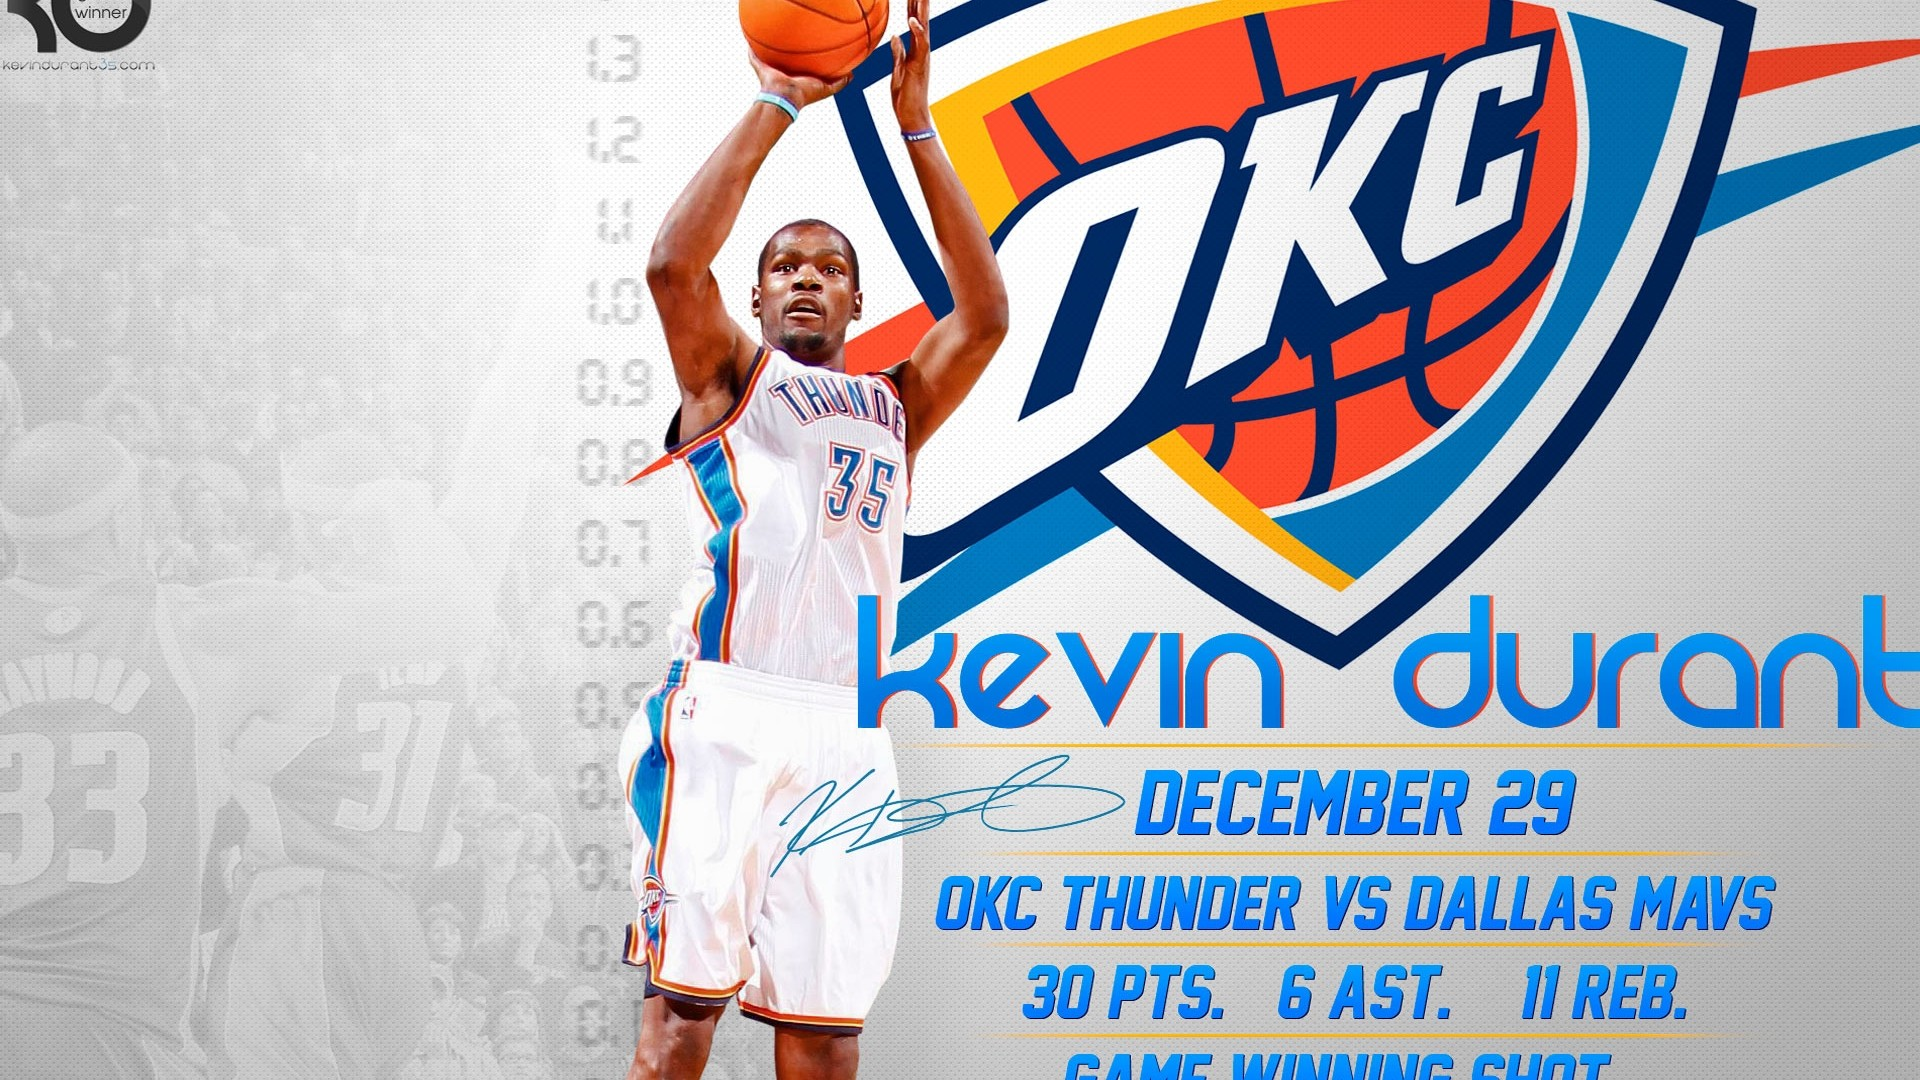 Kevin Durant NBA Wallpaper.